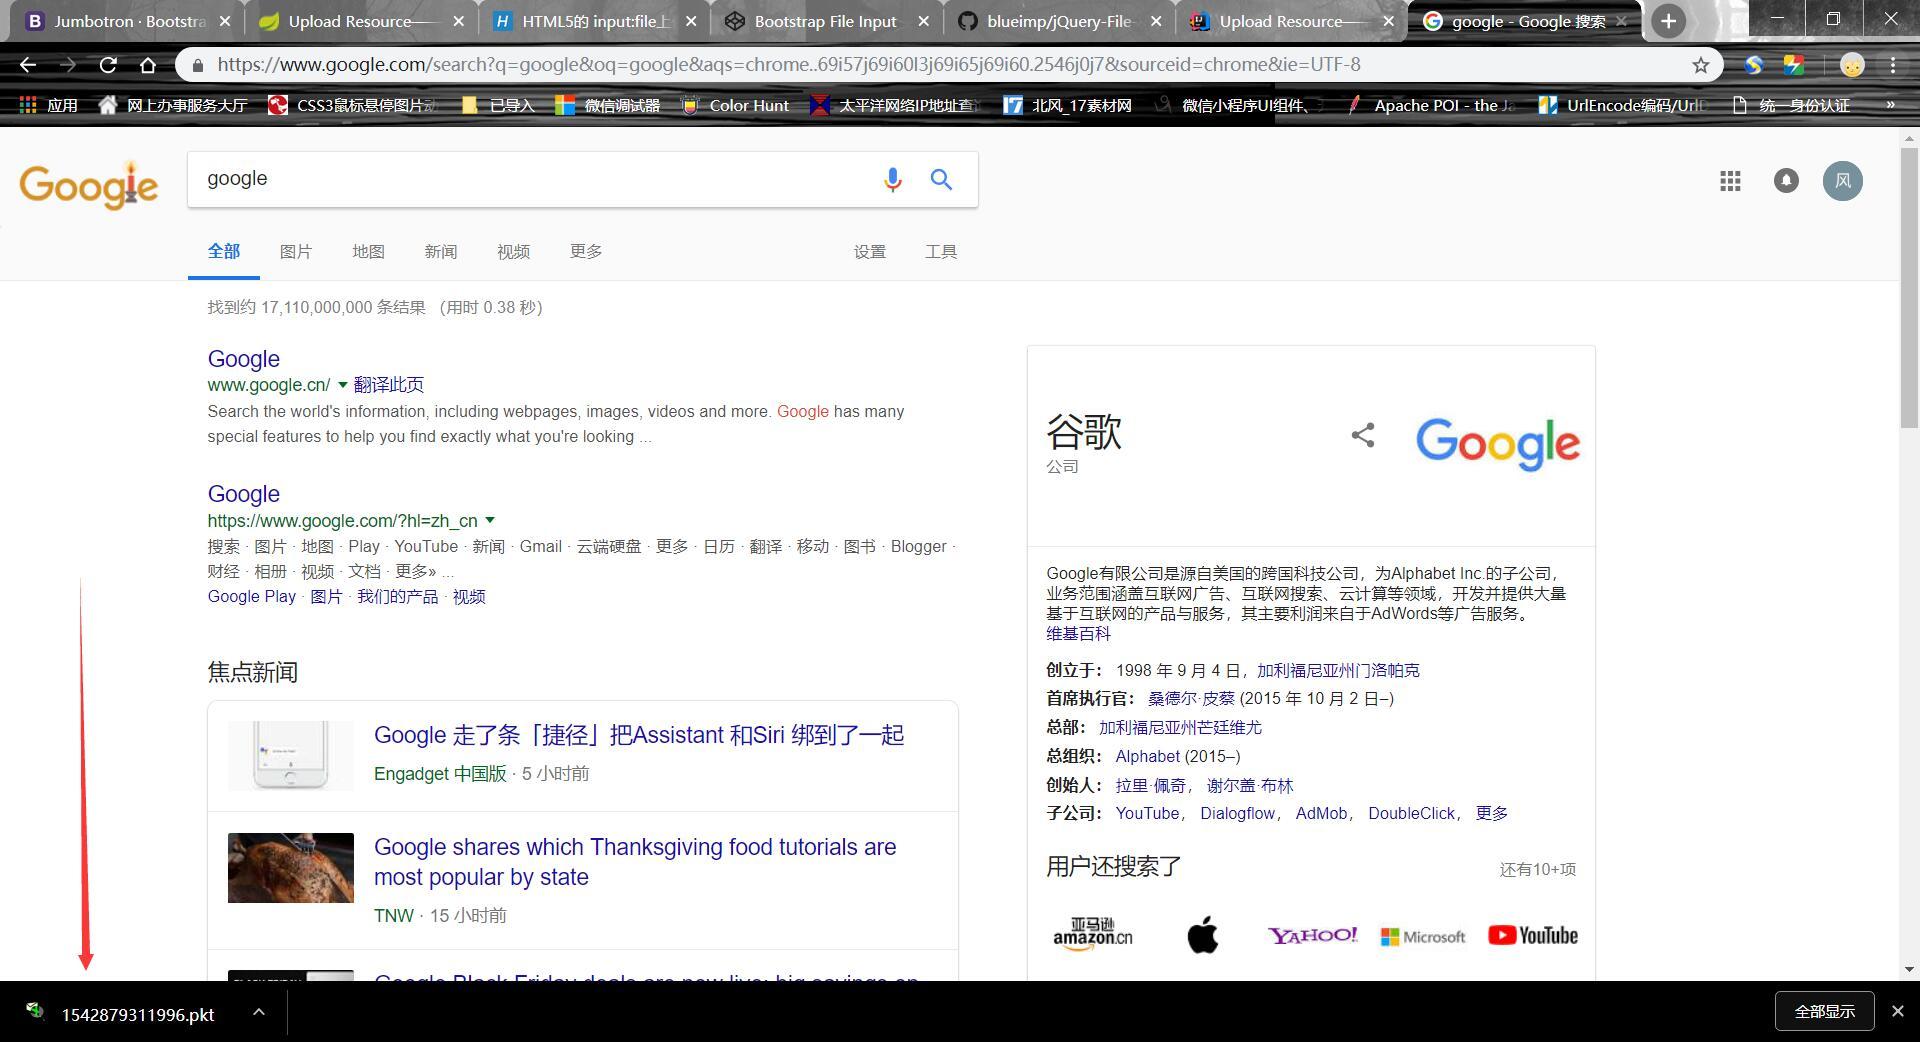 https://vr360-beifengtz.oss-cn-beijing.aliyuncs.com/beifeng-blog/article/%E6%96%87%E4%BB%B6%E5%AD%98%E5%82%A8/20181122173720.jpg